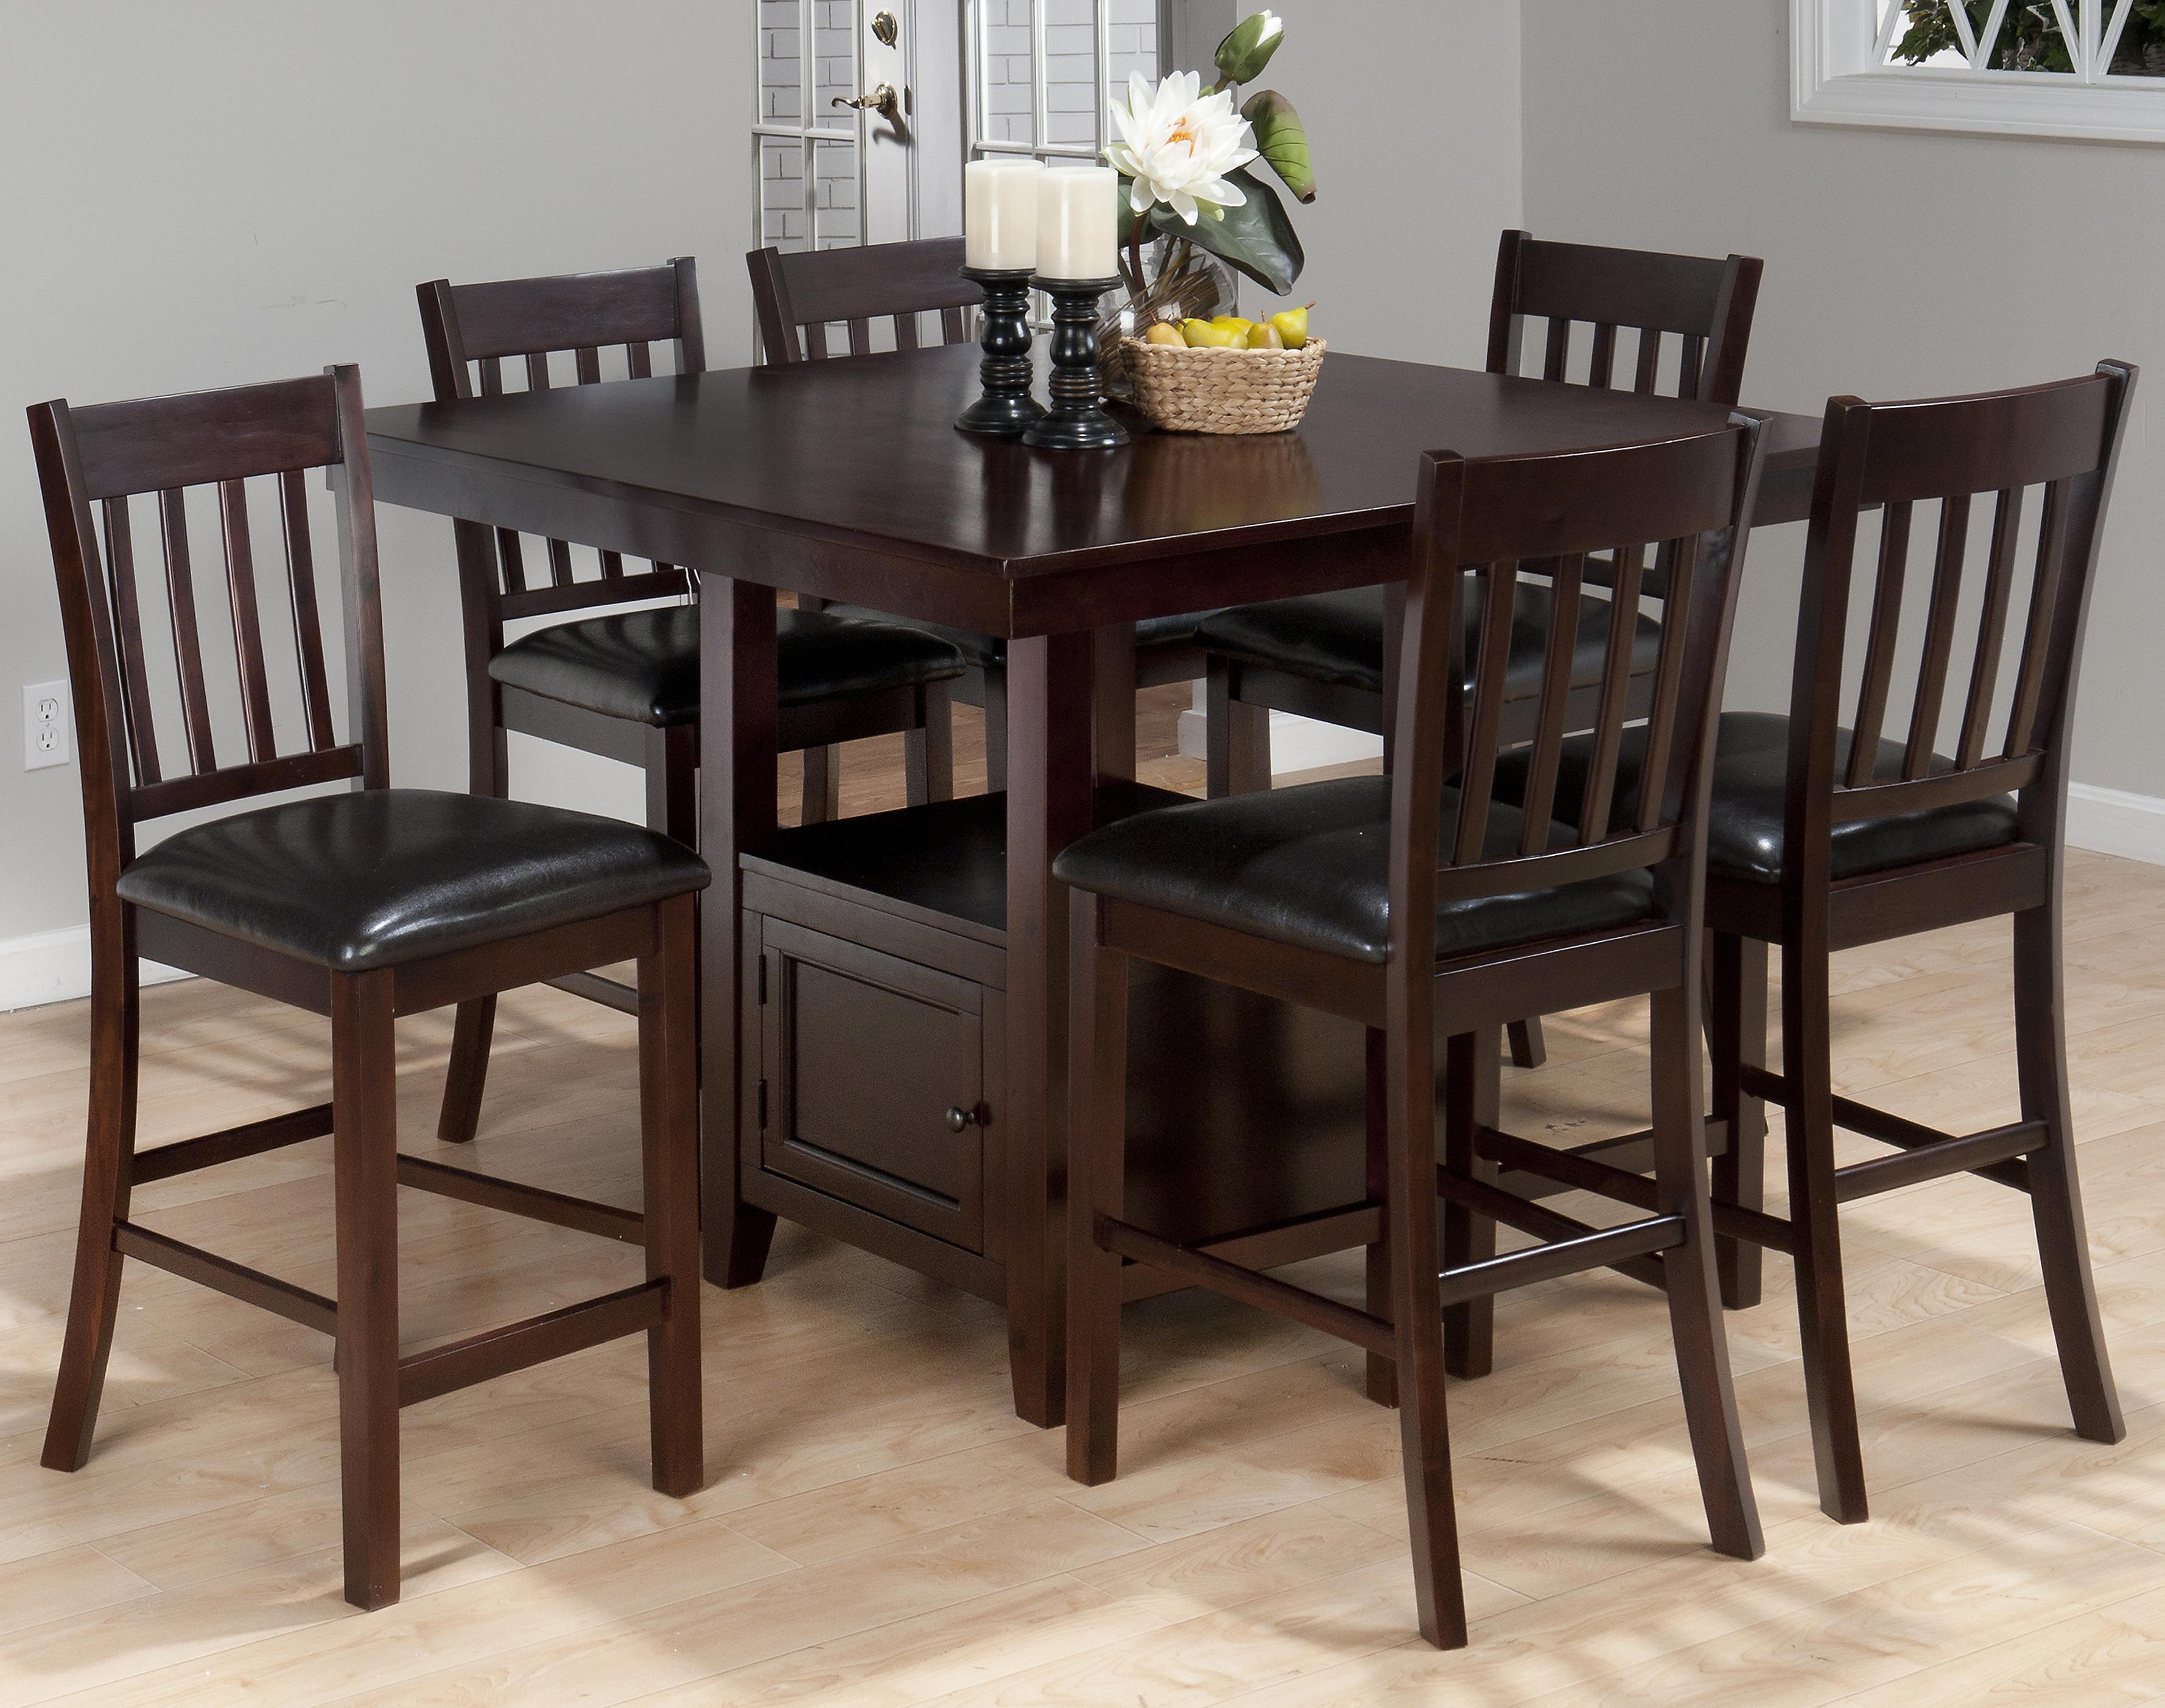 Jofran Tessa Chianti 7-Piece Counter Height Table Set - Item Number: 933-48T+B+6xBS429KD